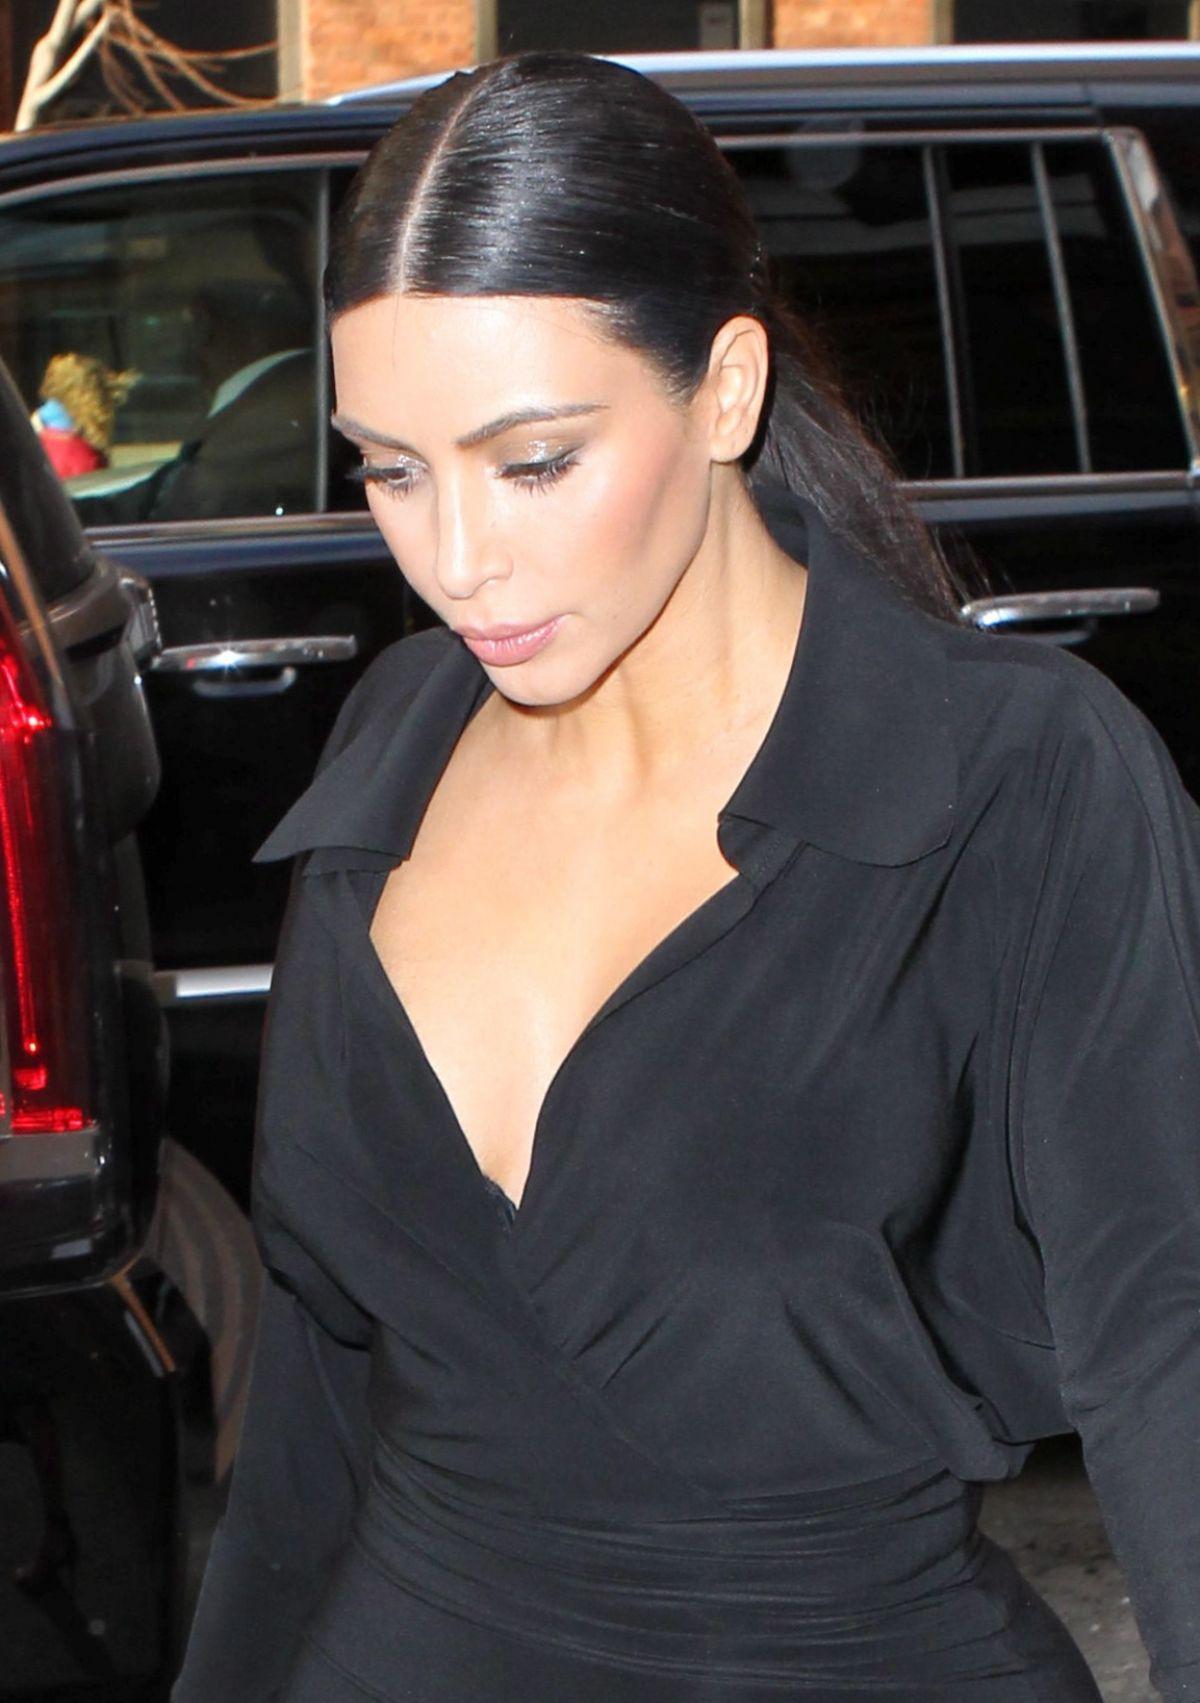 Watch 23. Kim Kardashian video